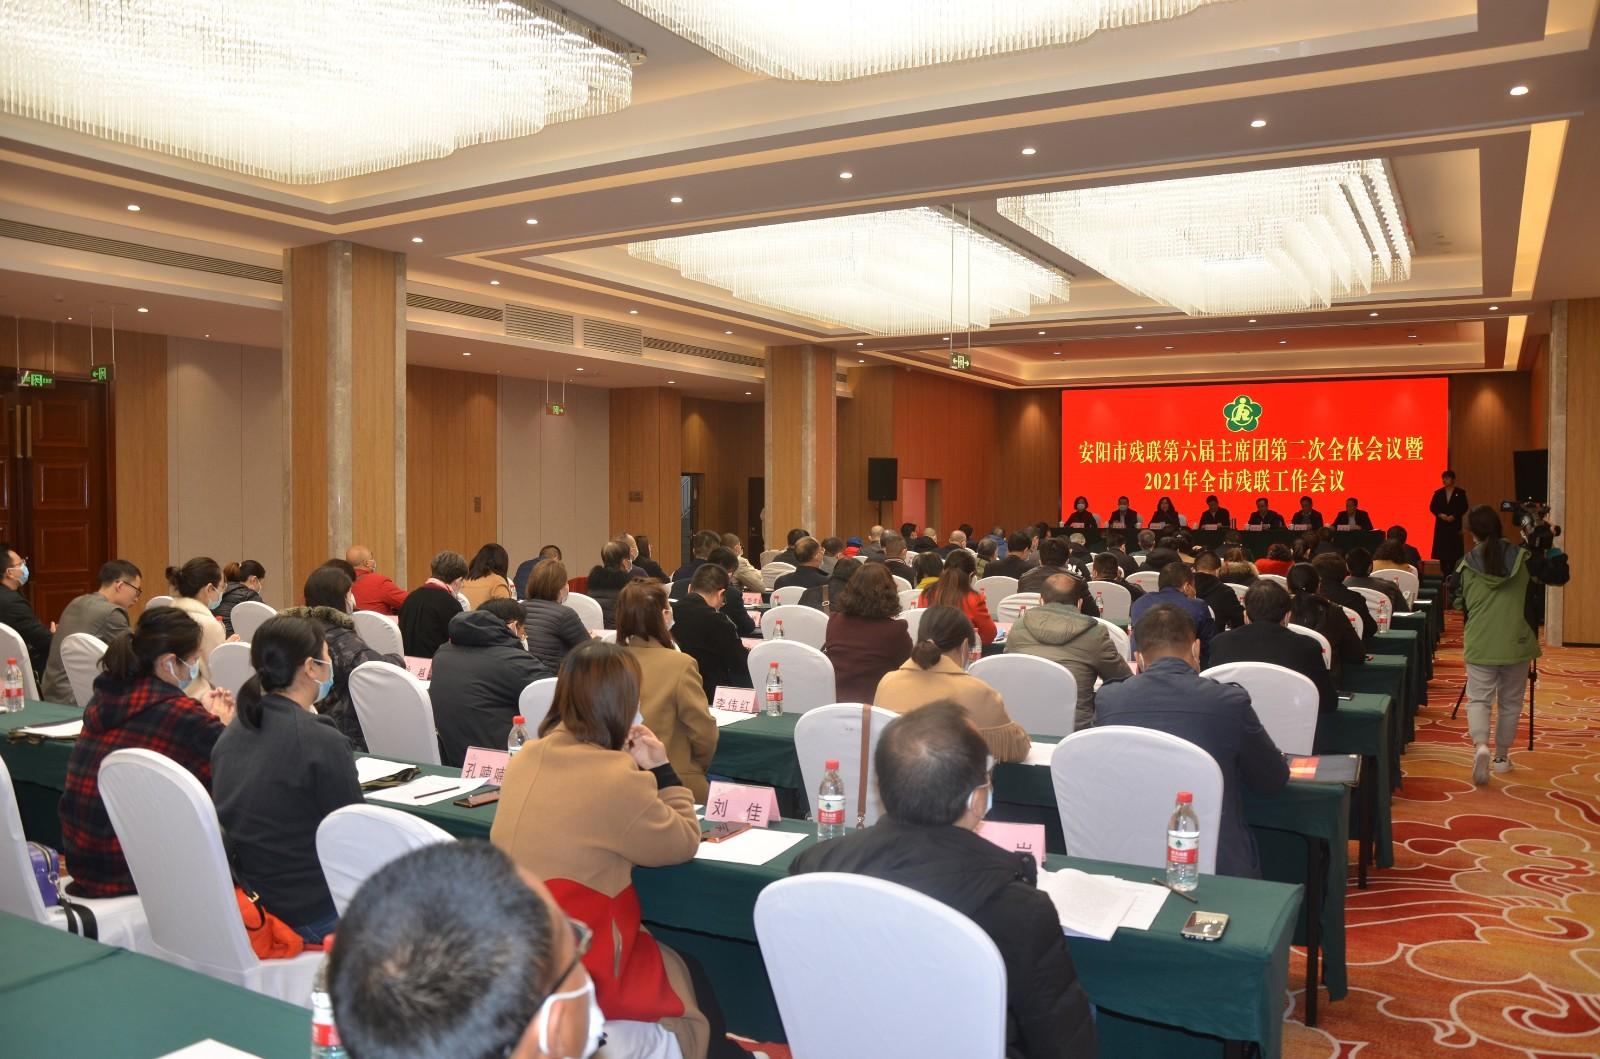 安阳市残联召开第六届主席团第二次全体会议暨2021年全市残联工作会议